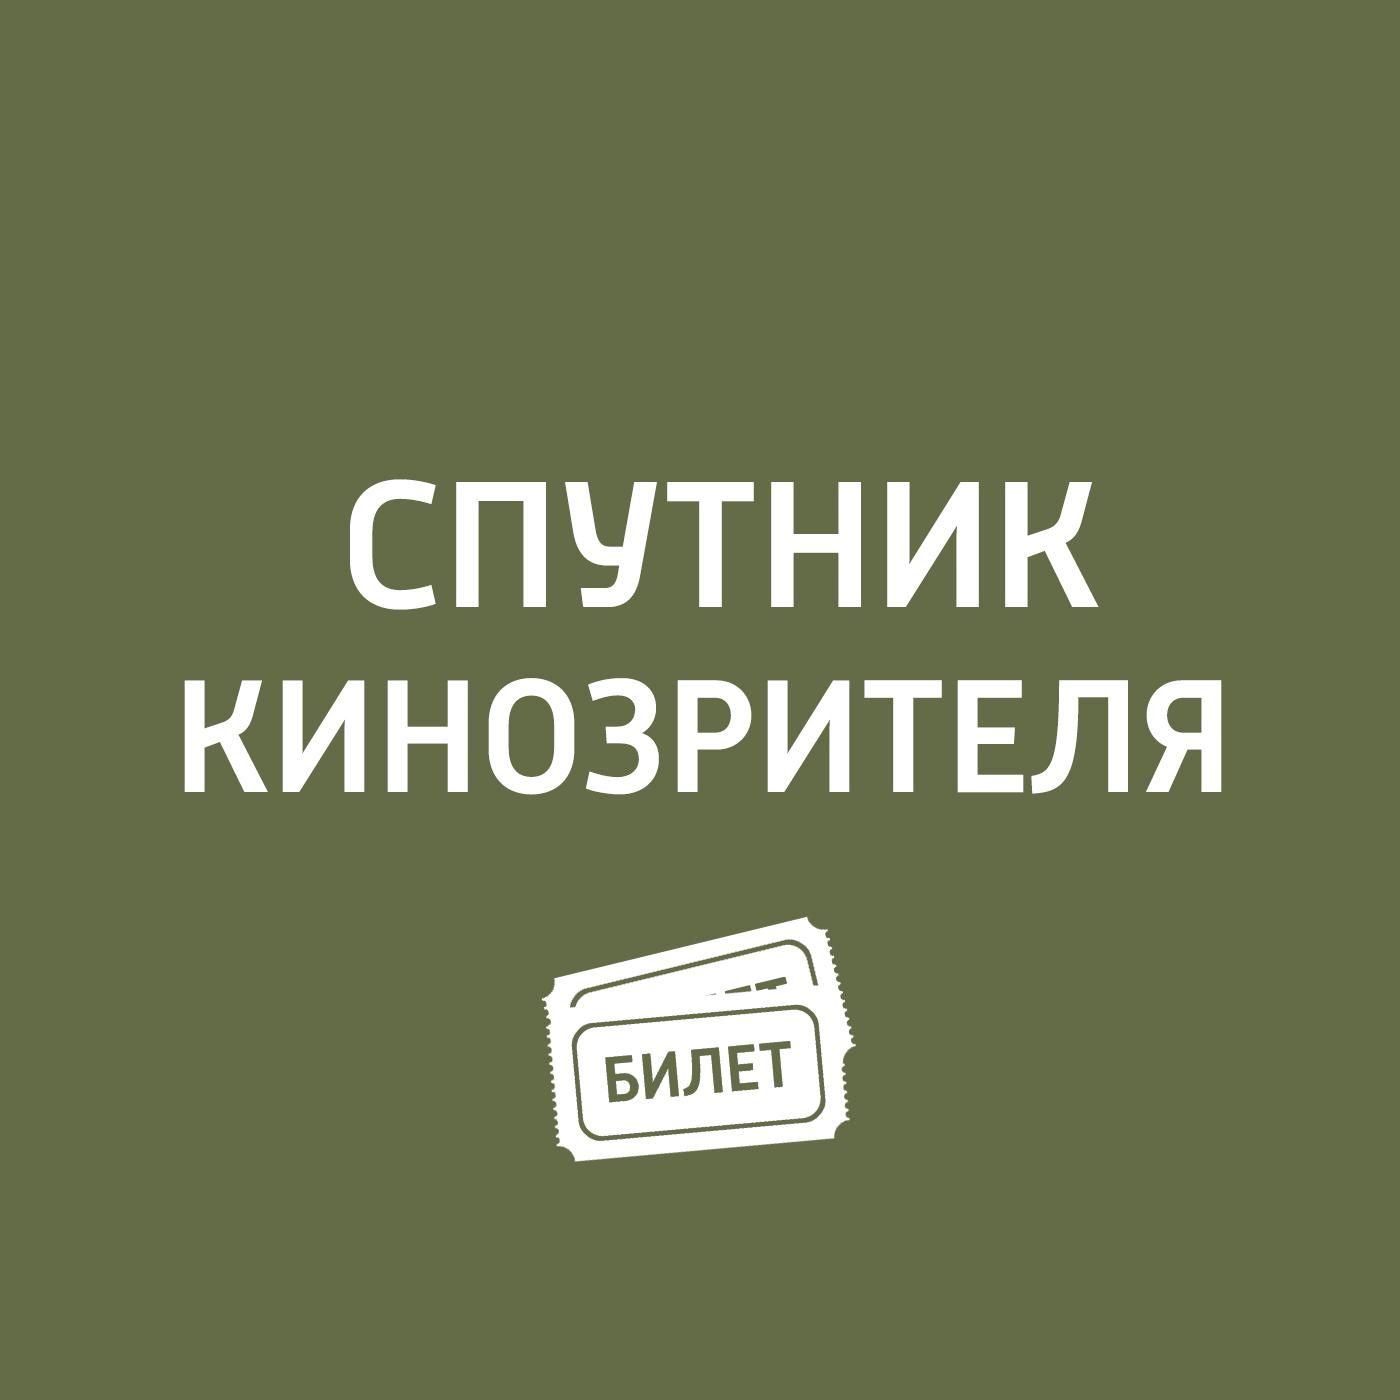 Антон Долин Трудно быть богом, «Нимфоманка-2, «Дубровский дубровский